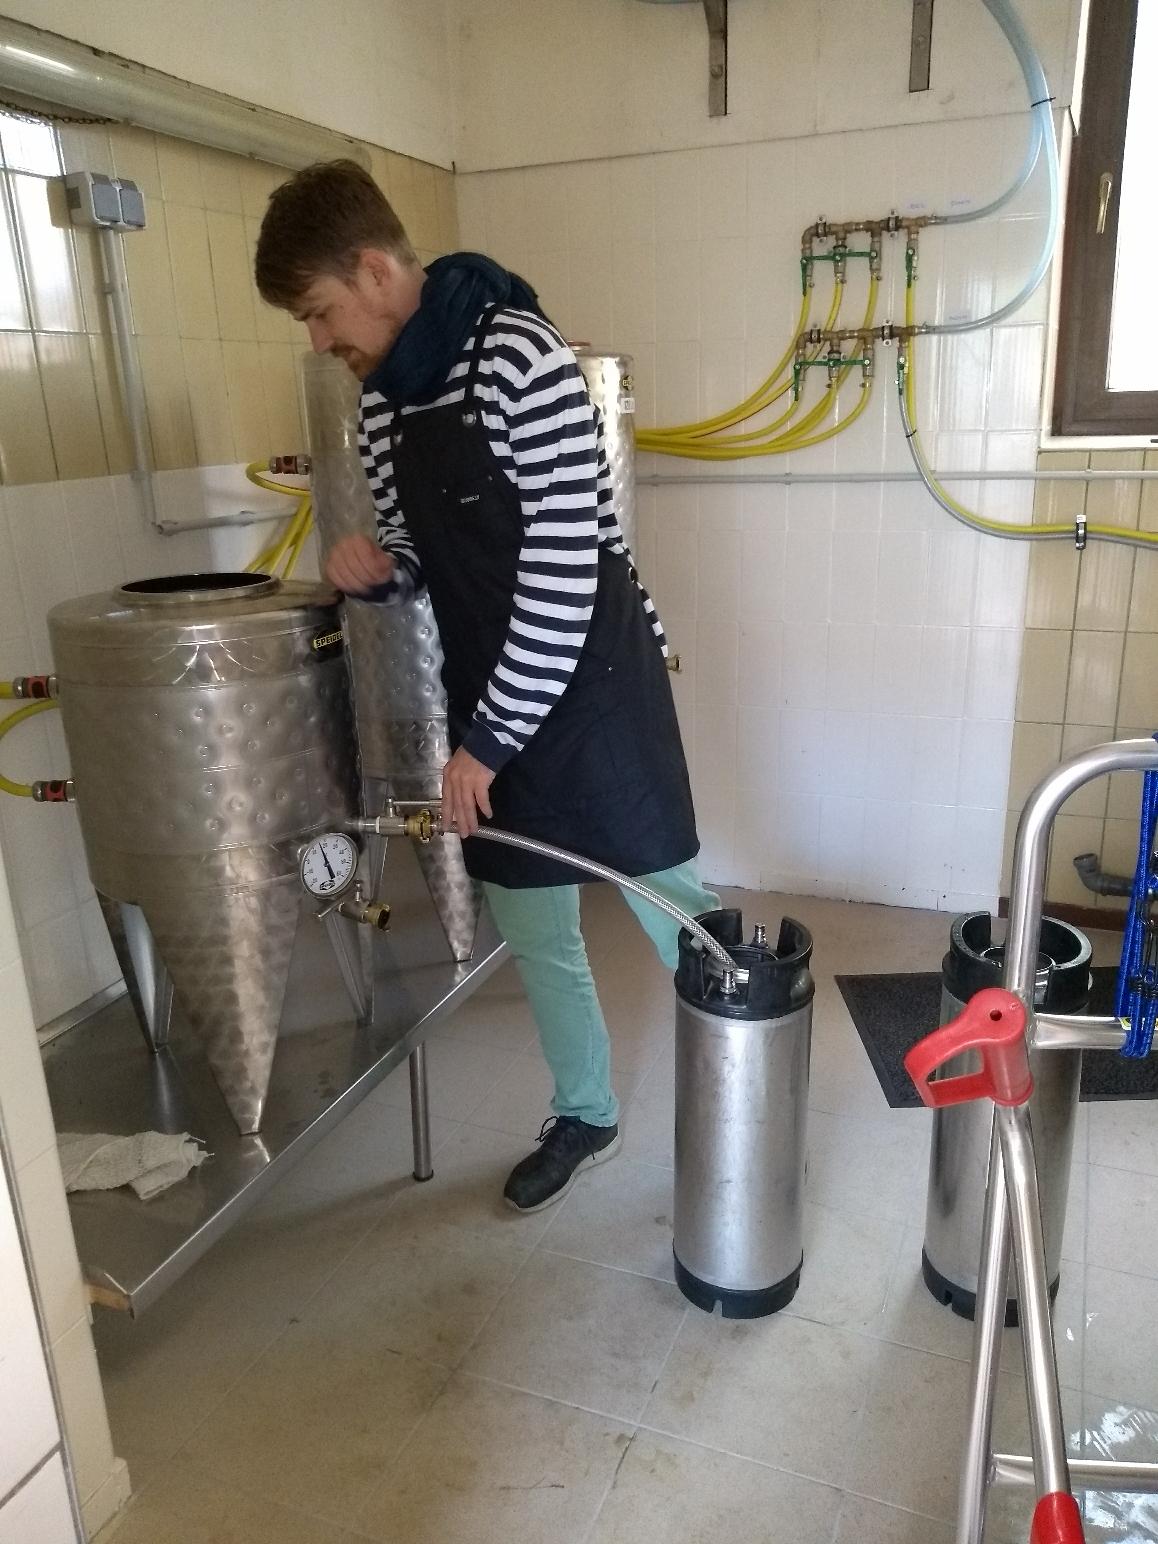 viele Schritte sind notwendig bis das Bier ins Fass kommt..